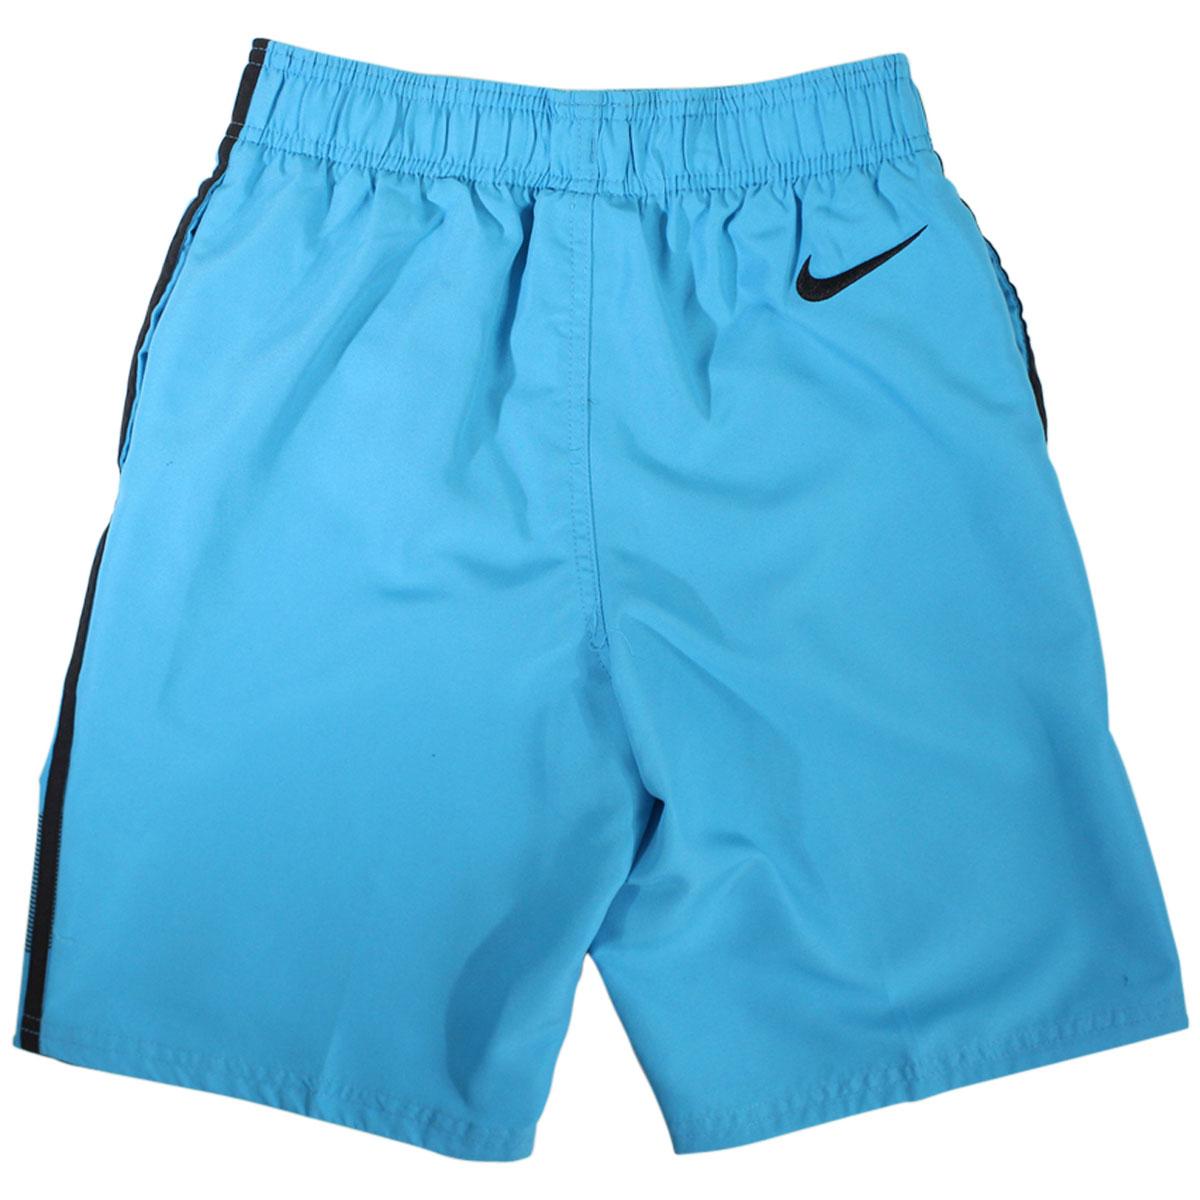 Diverge pouces Nike bain Slip Logo Enfant 8 de Large Macro zBw0gvHW